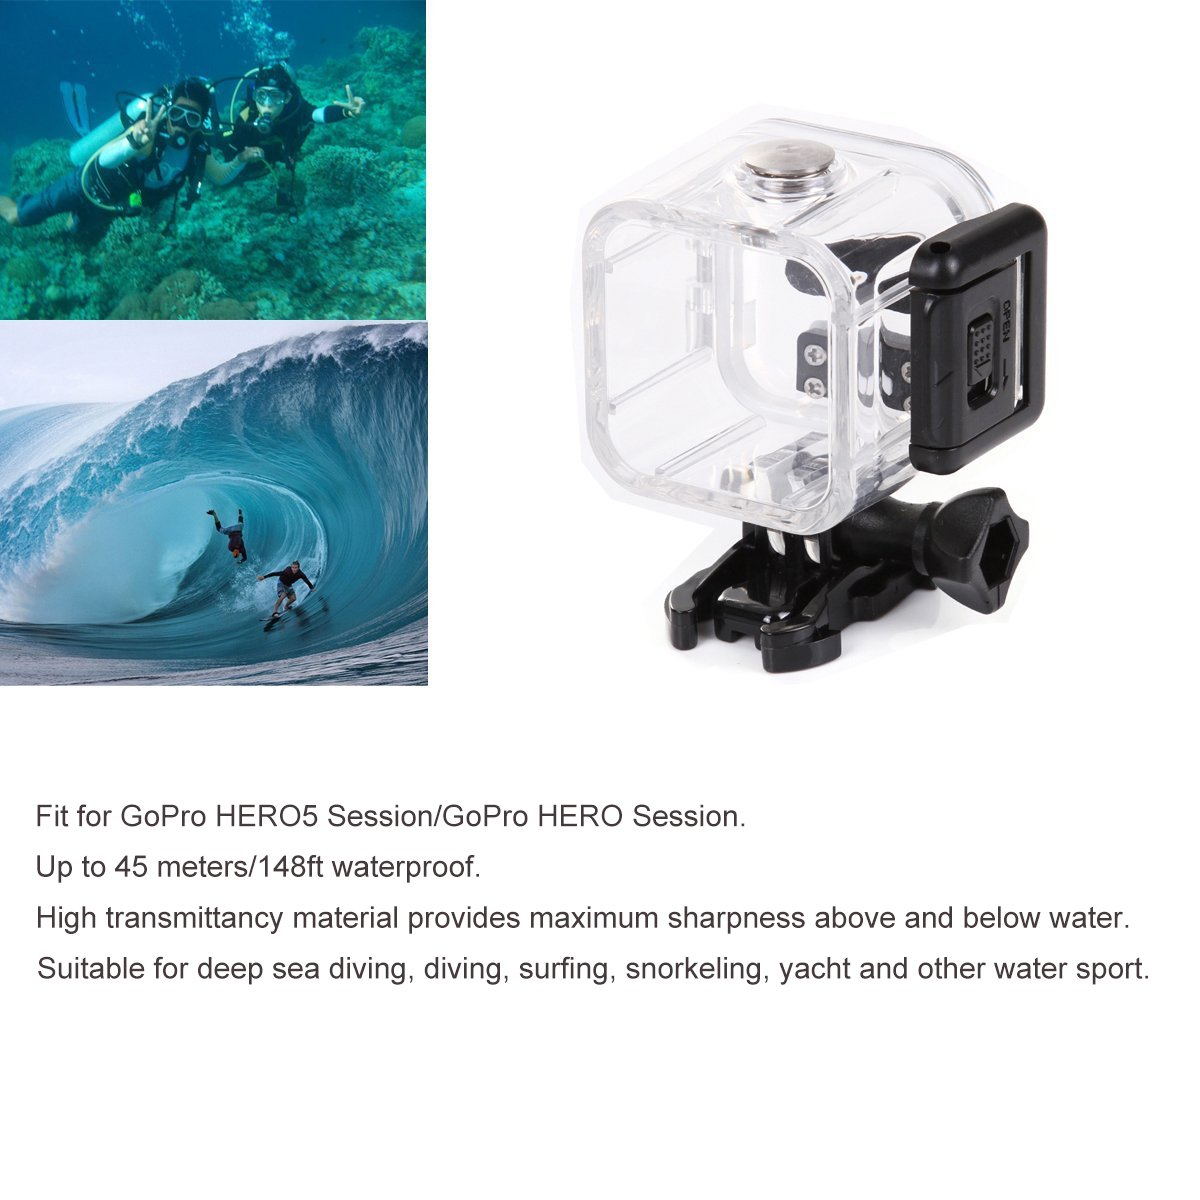 Kupton Accesorios para GoPro Hero 5 Session Videocámara de Acción Carcasa Impermeable Arnés de Pecho Sujección de Cabeza Soporte Clip de Mochila Coche ...